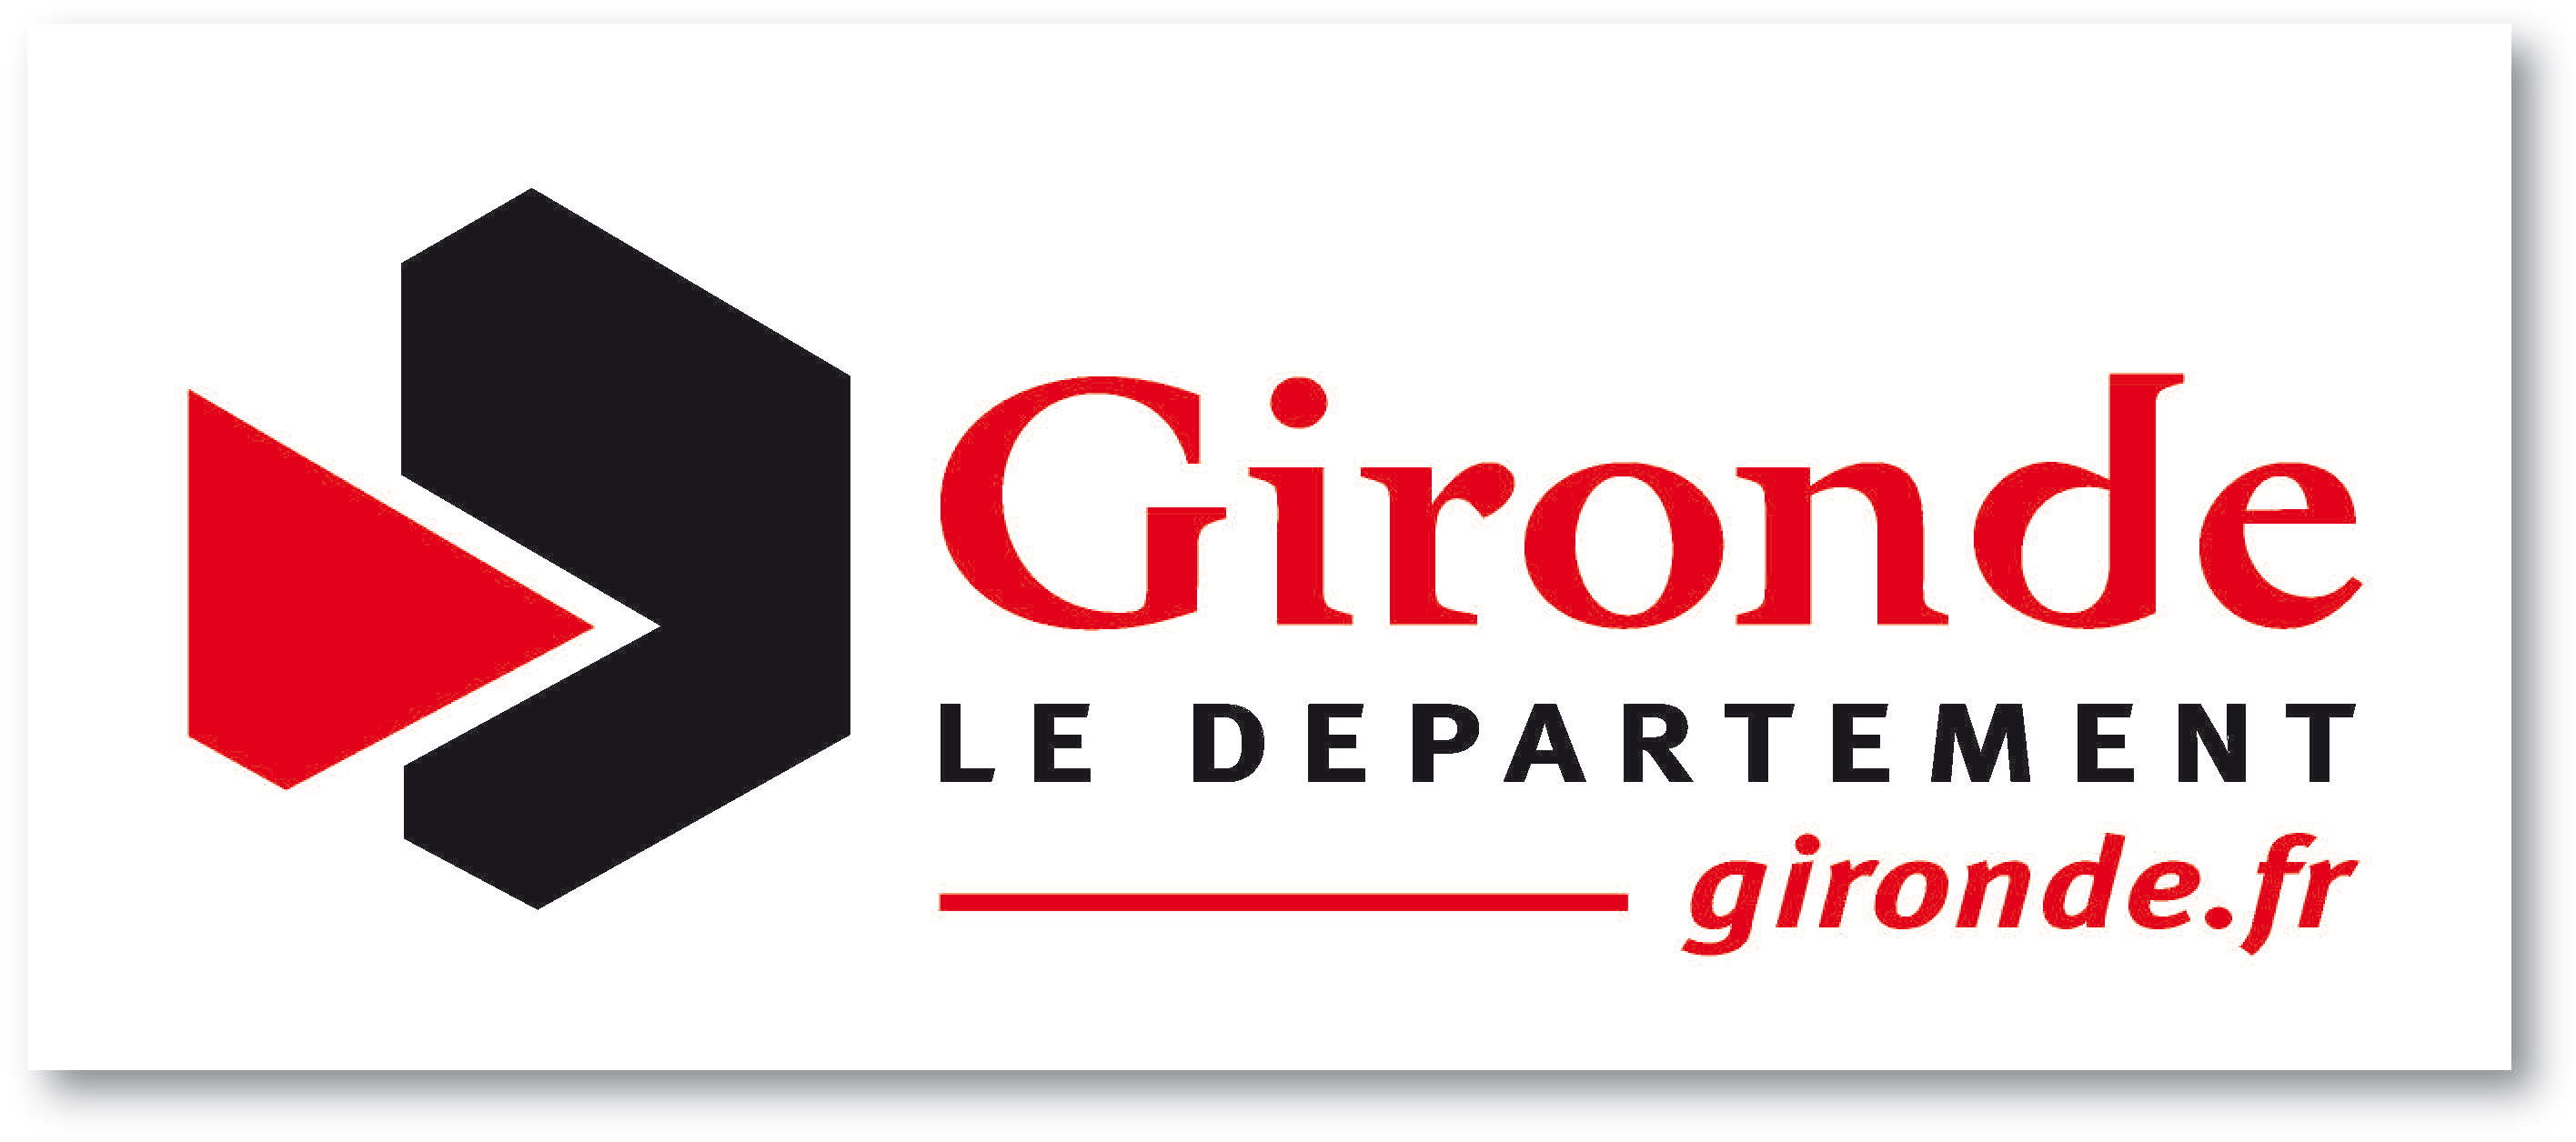 la Bibliothèque Départementale de la Gironde